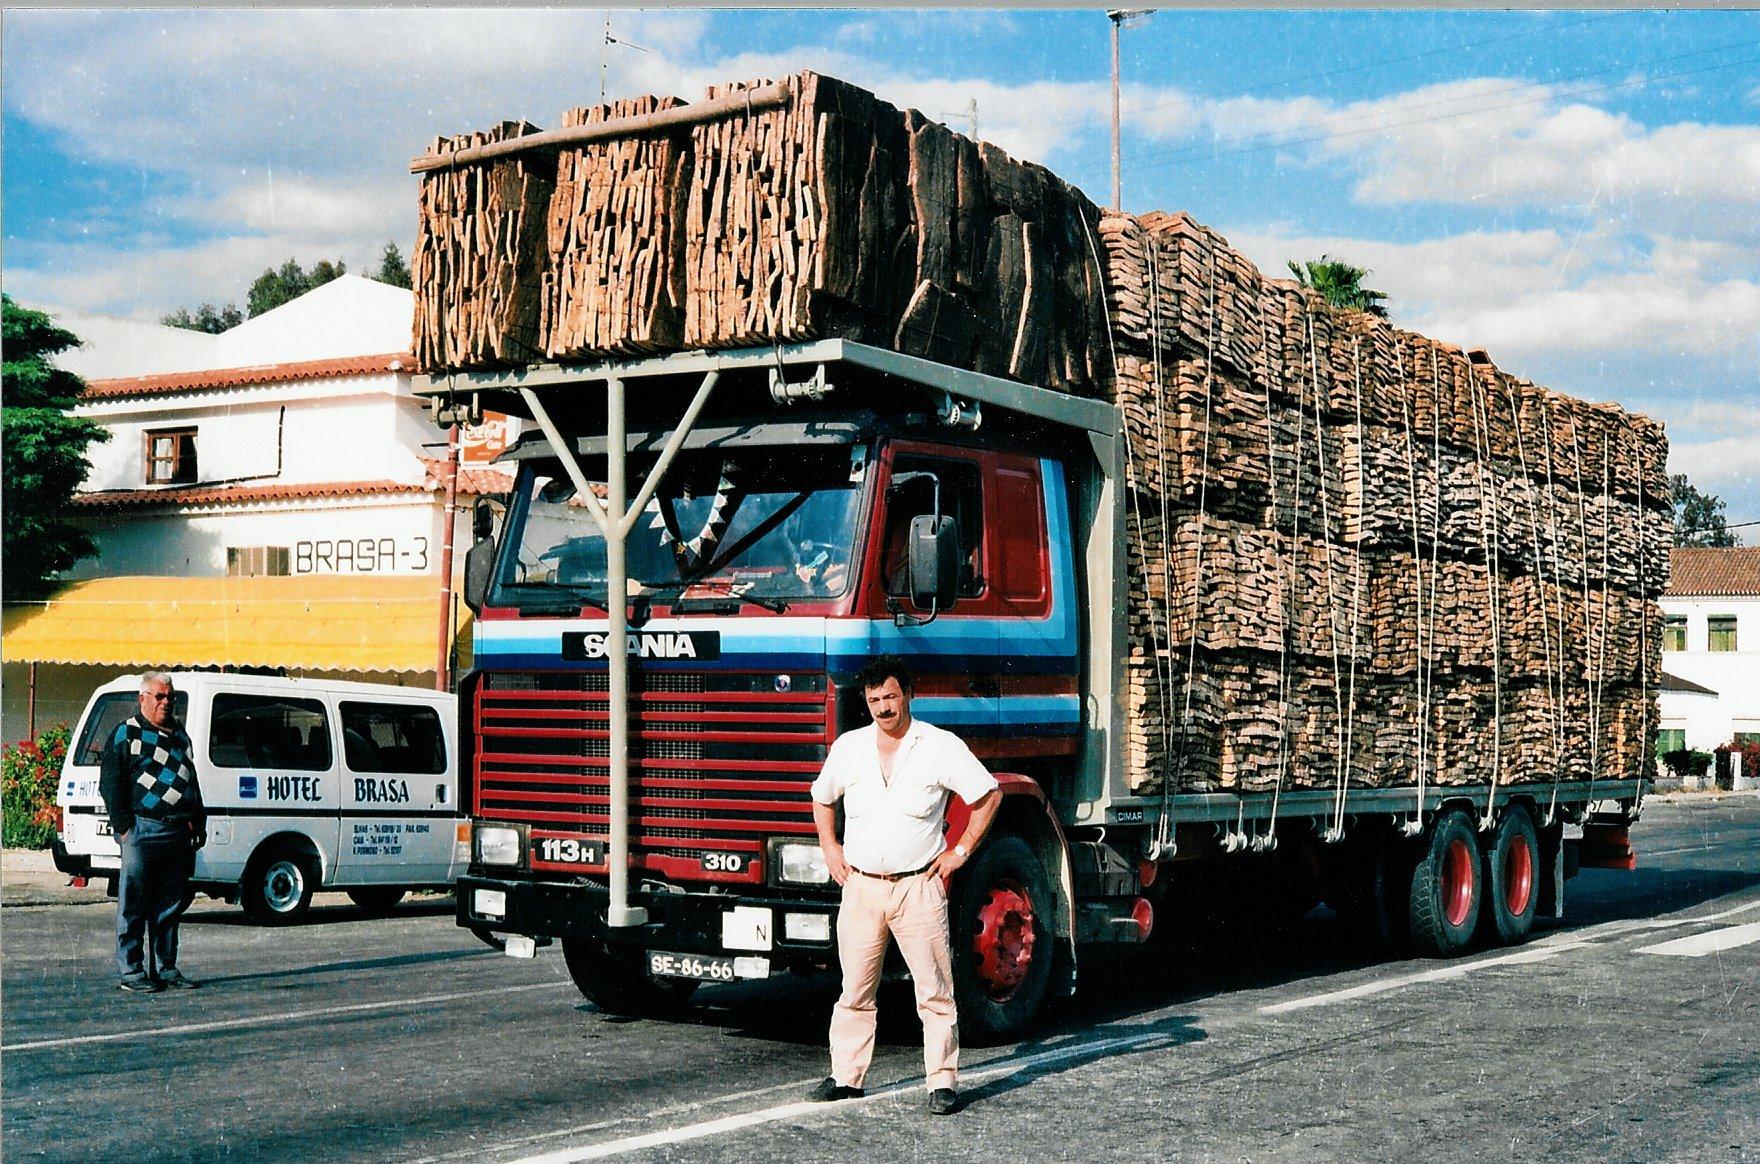 Scania-113H-Restaurante-Brasa--Caia